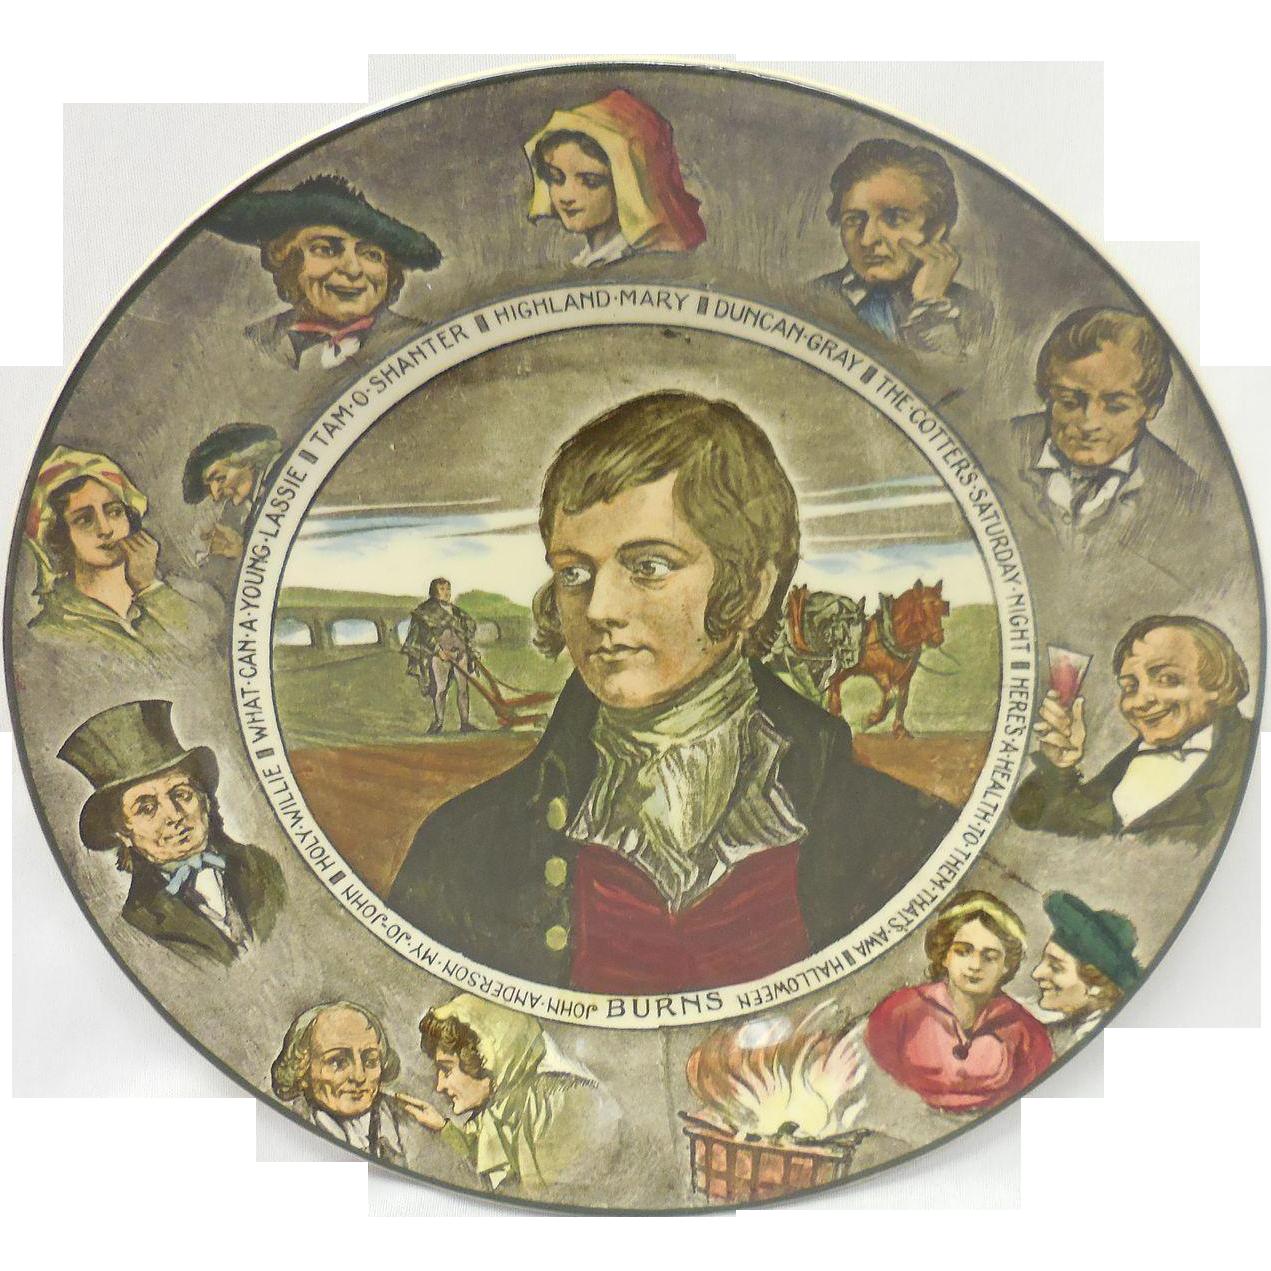 Vintage Royal Doulton Porcelain Literary Portrait Plate – Robert Burns